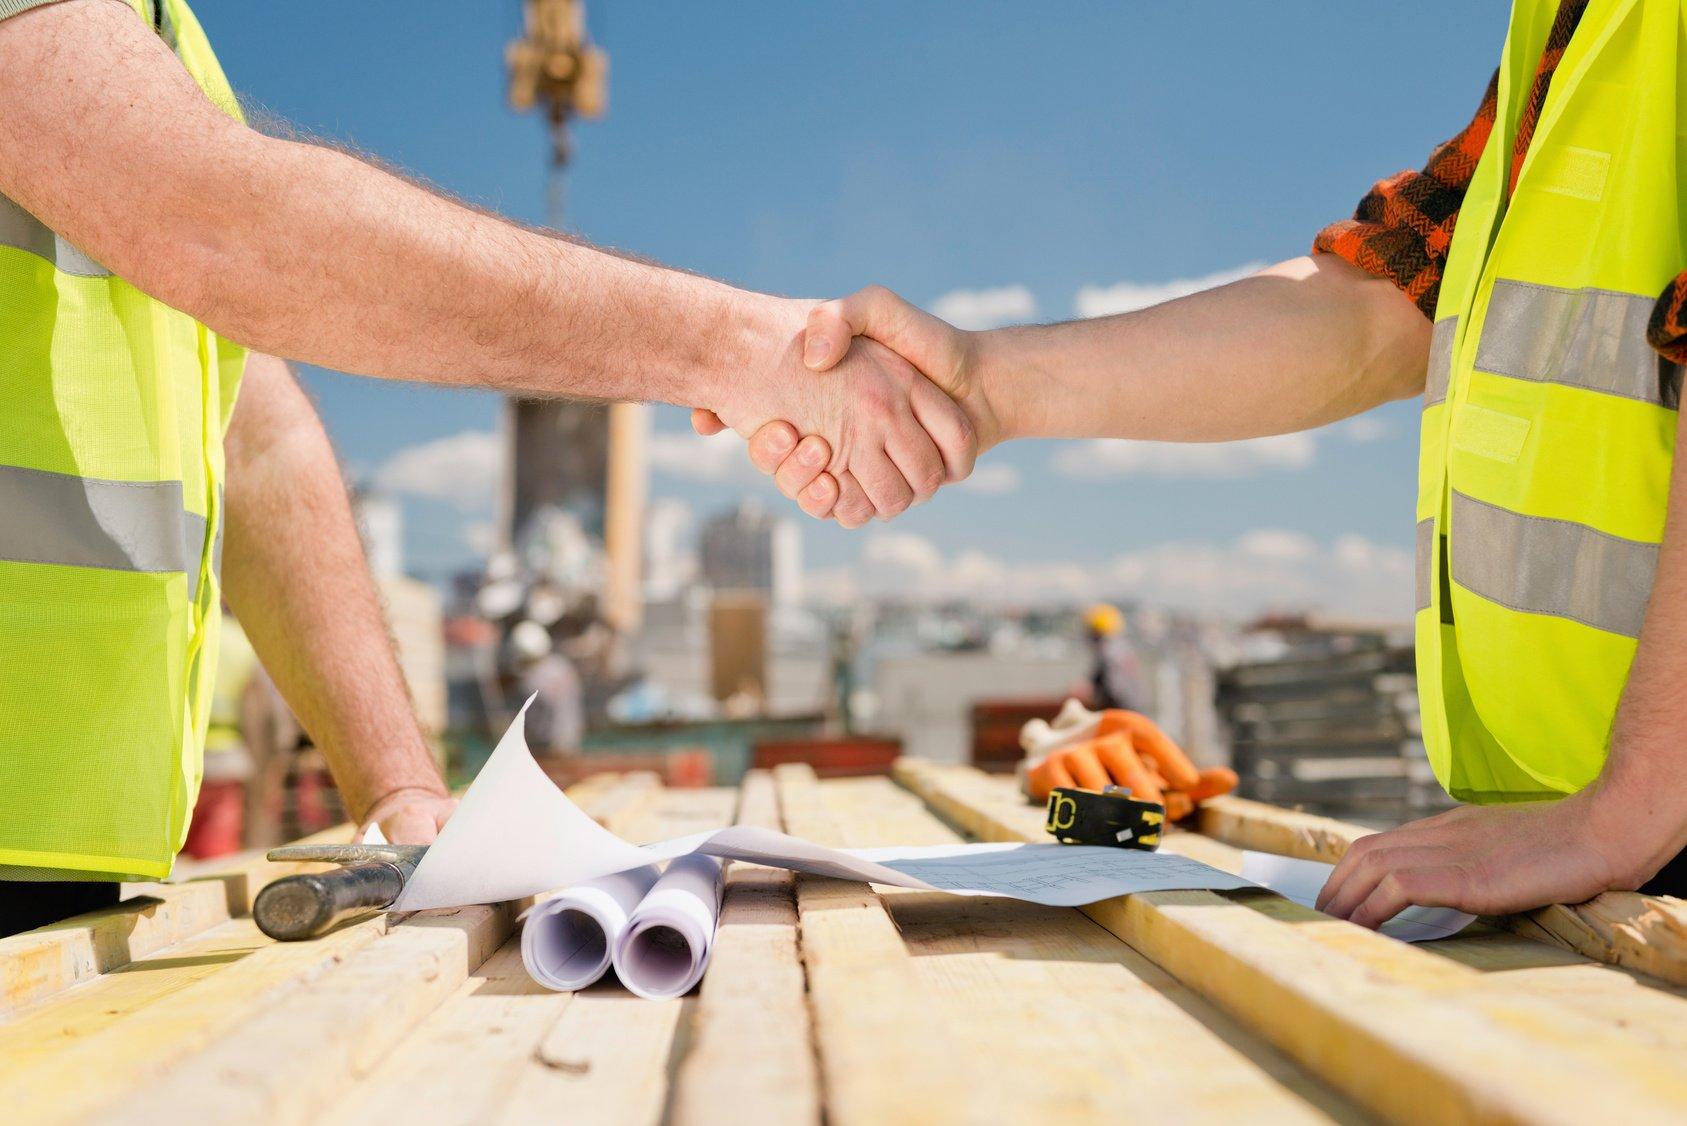 Открытие успешного бизнеса в сфере ремонтно-отделочных услуг